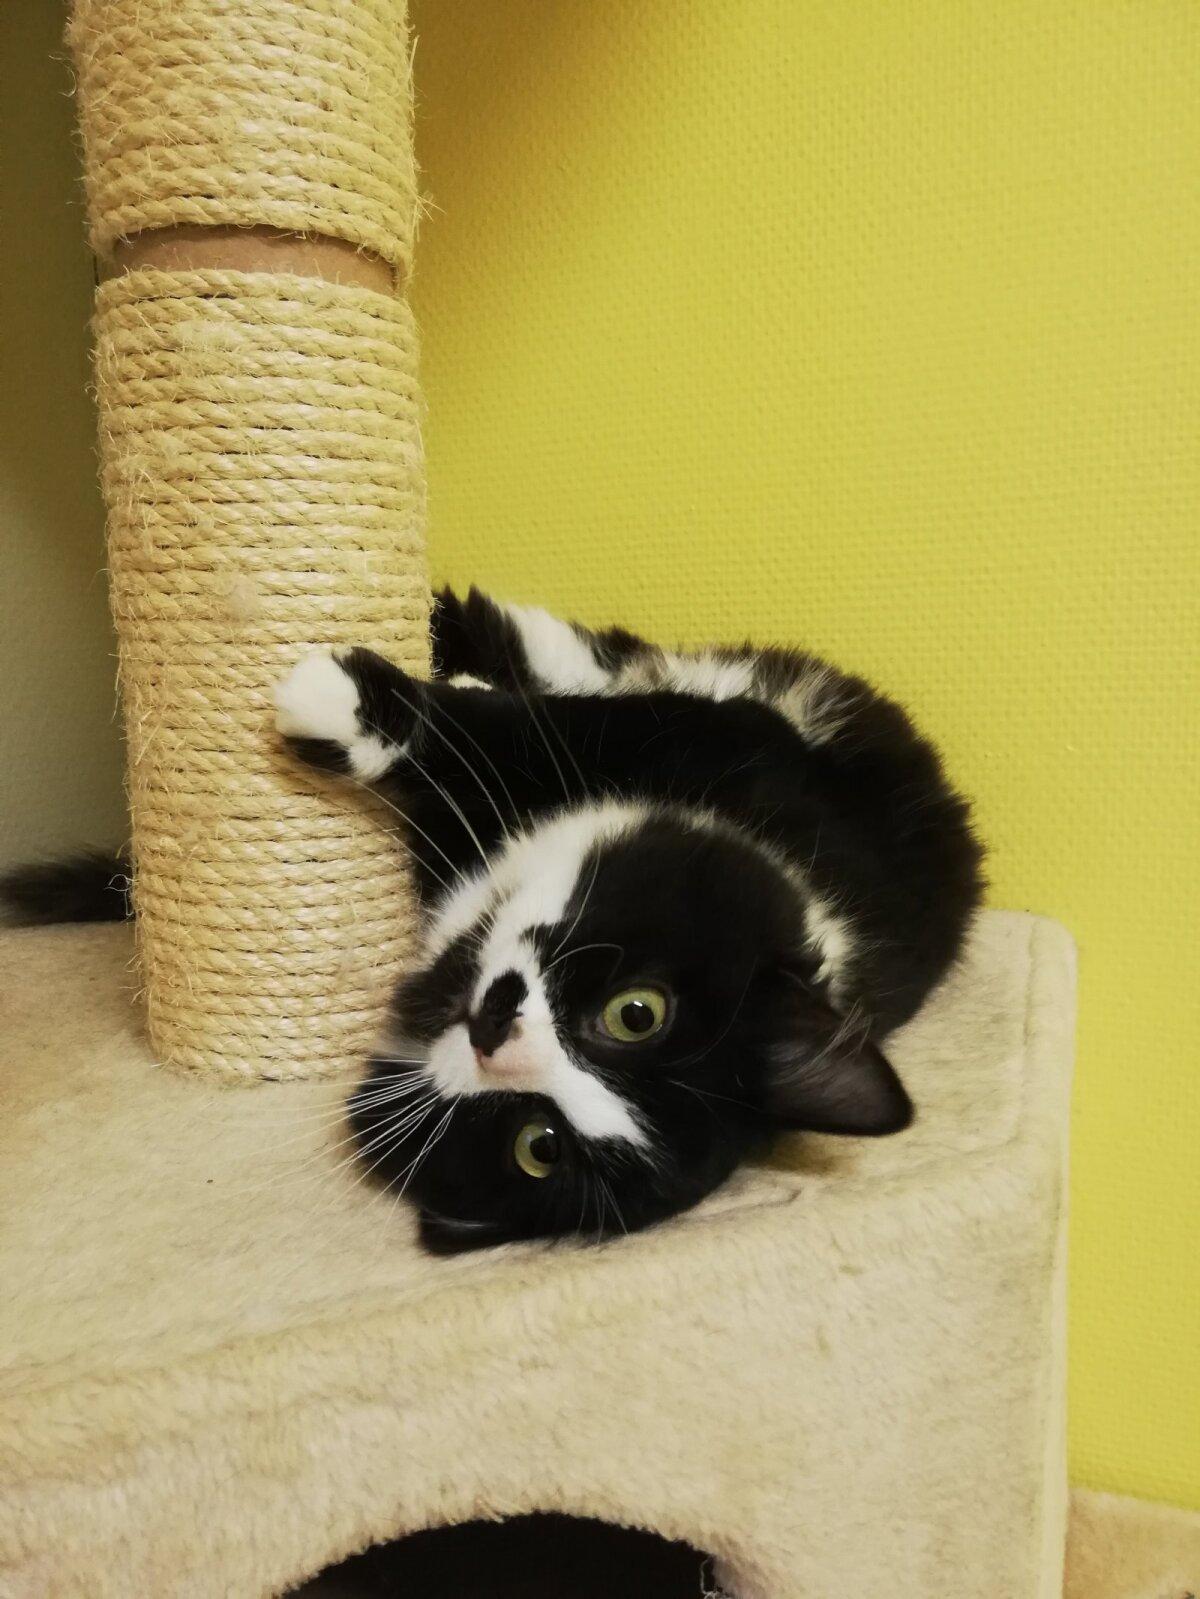 Kodu ootav kass Mustu Mustnina